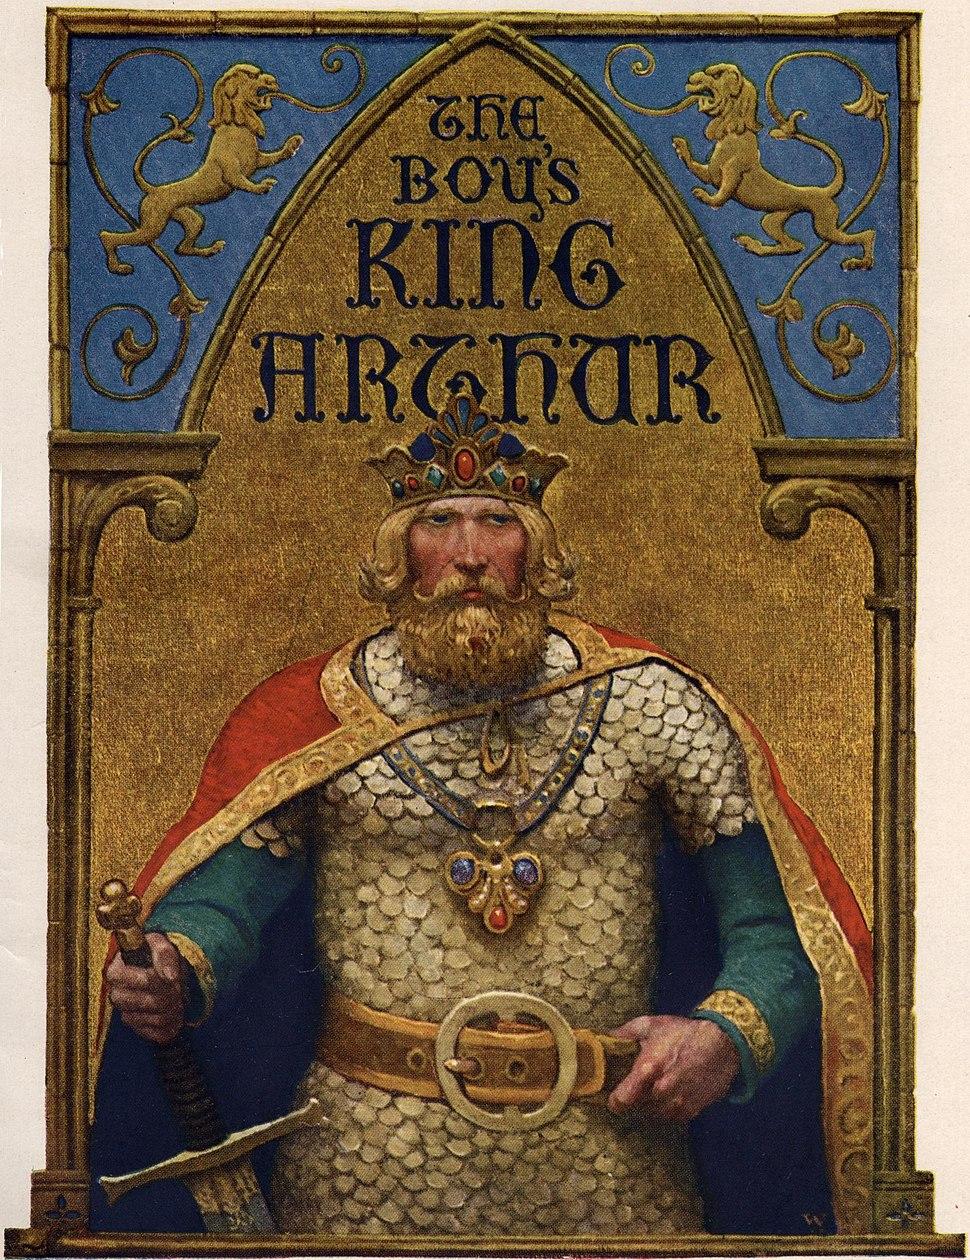 Boys King Arthur - N. C. Wyeth - title page